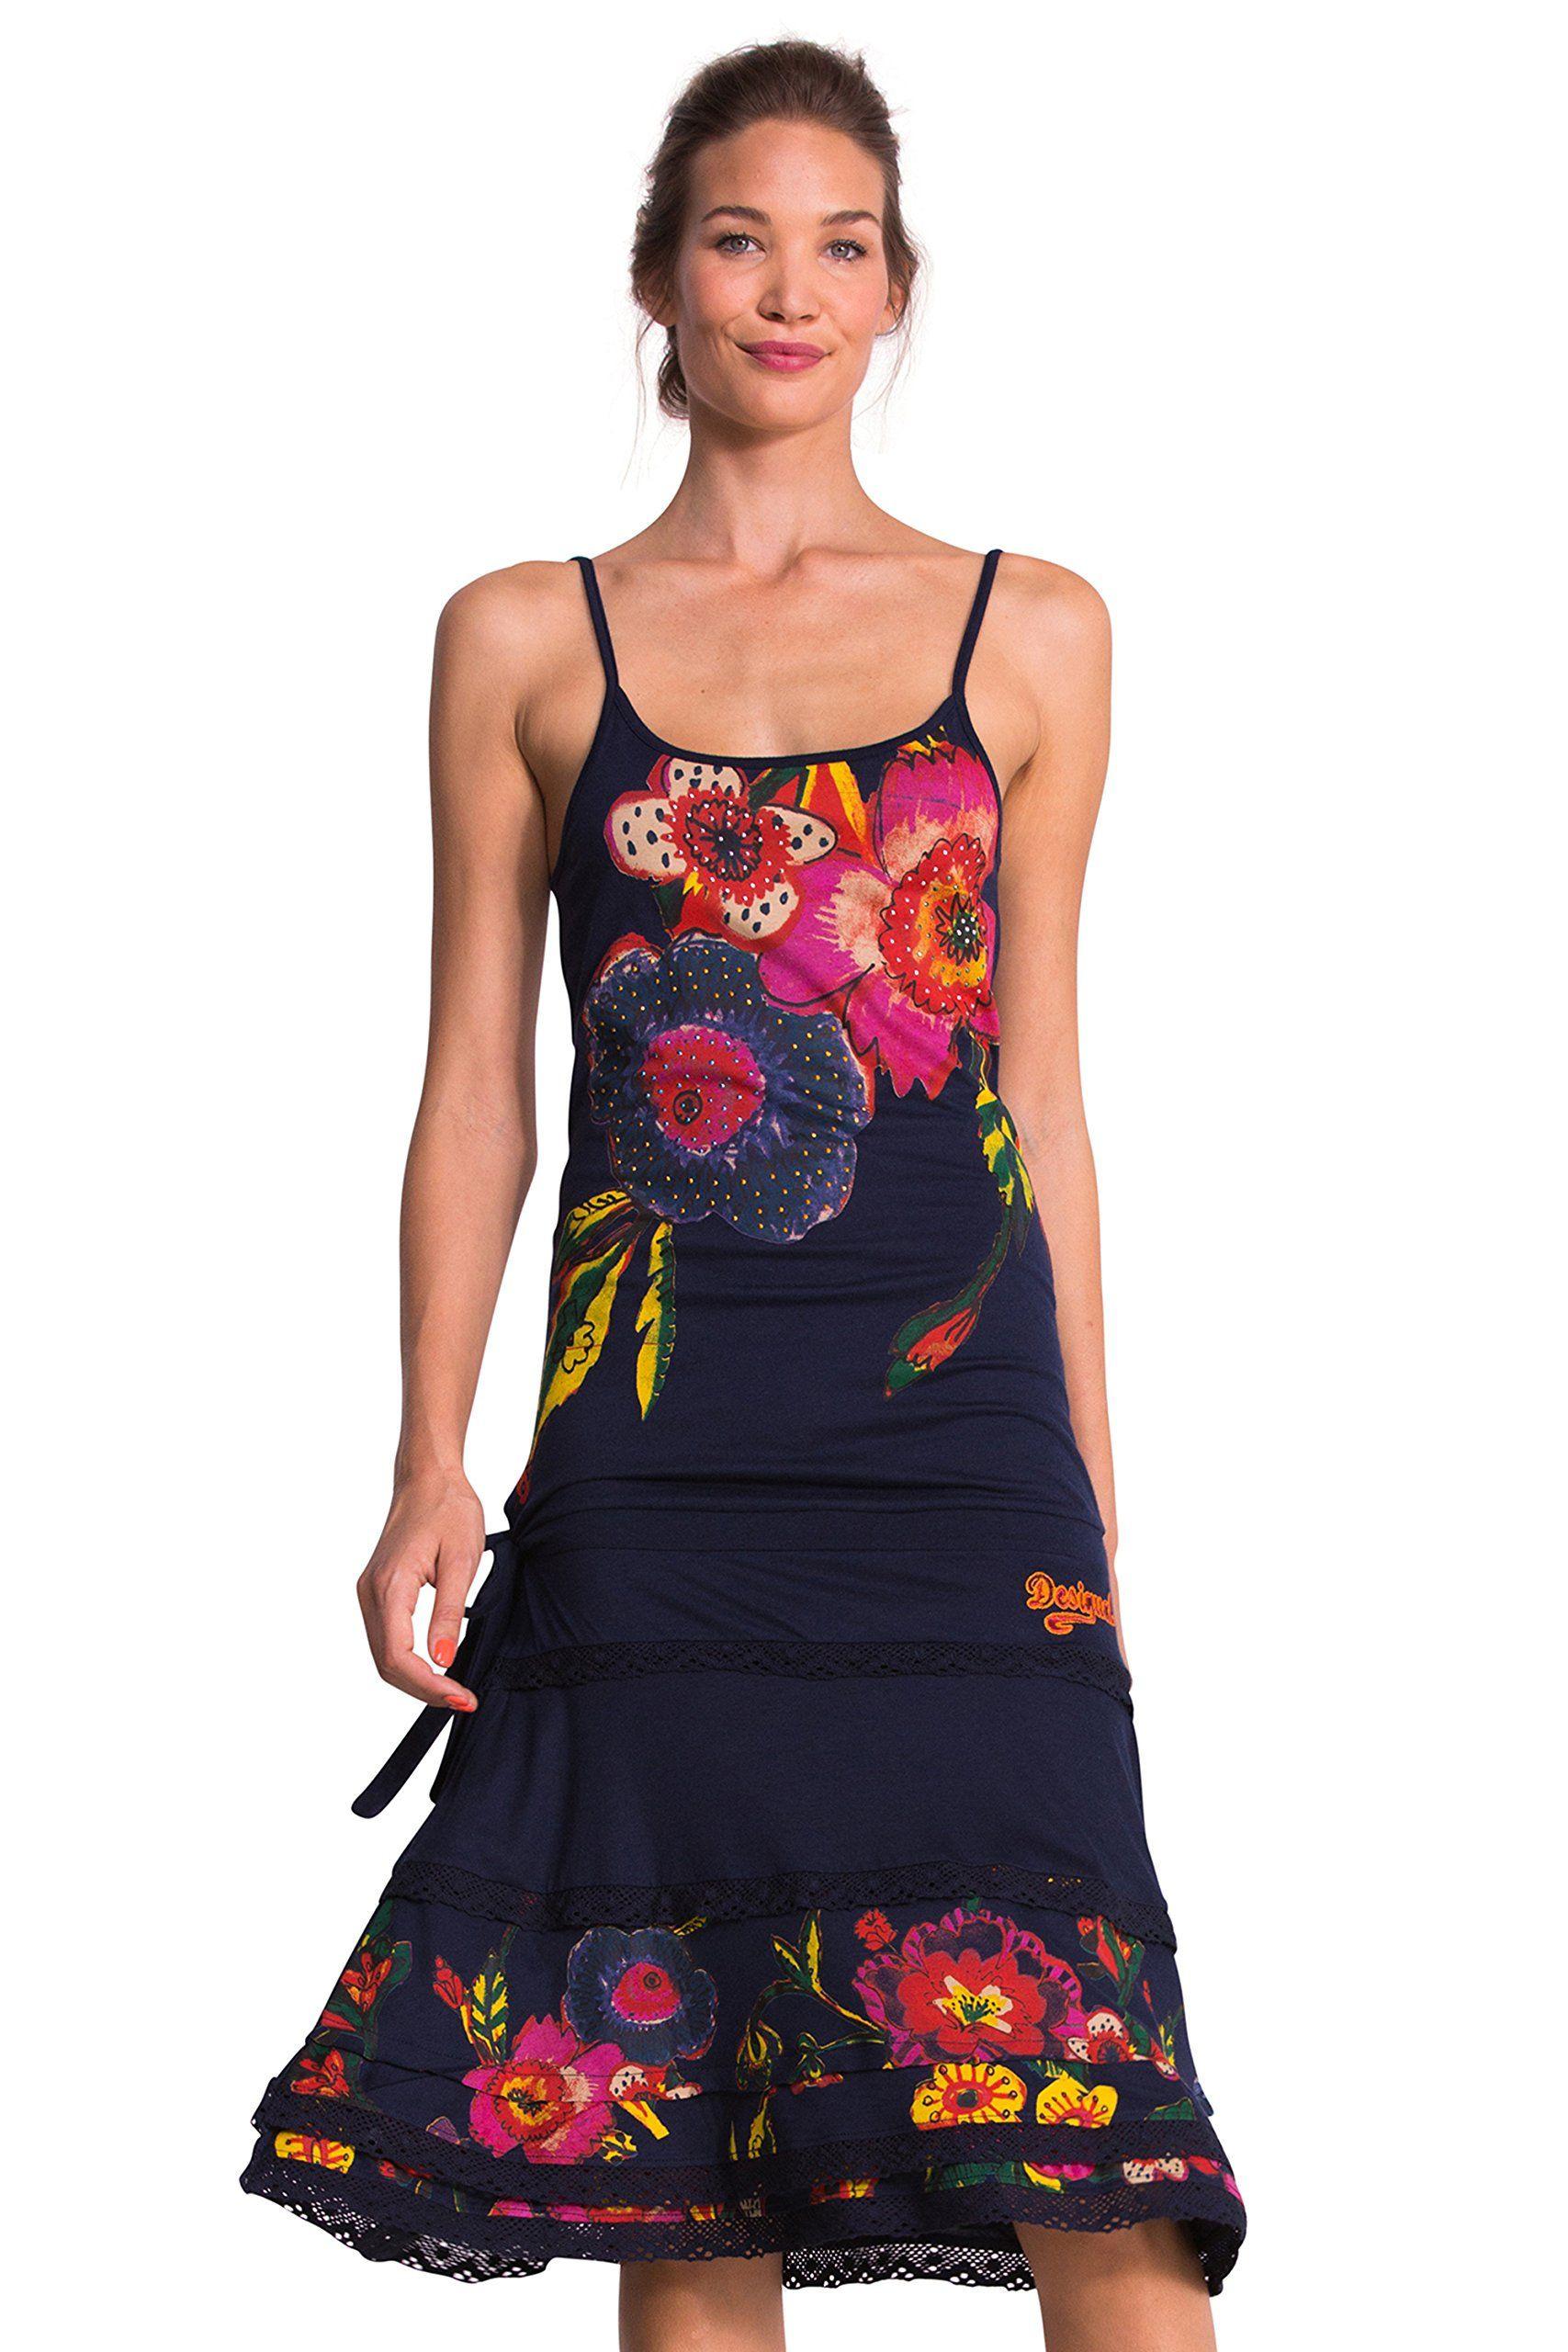 Abend Schön Kleid 34 für 2019Abend Einfach Kleid 34 Boutique